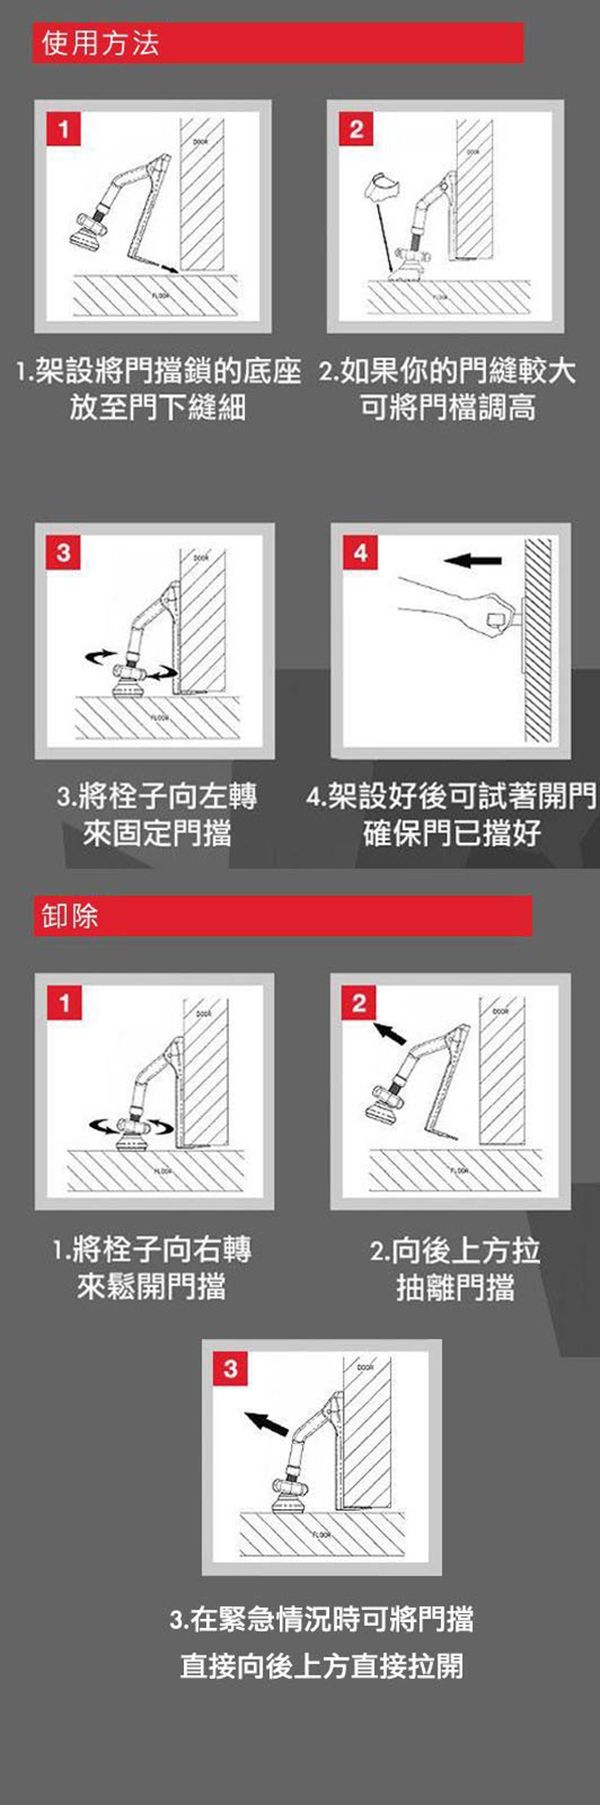 【集購】DOOR JAMMER│英國安全隨身門擋鎖 - 第二代